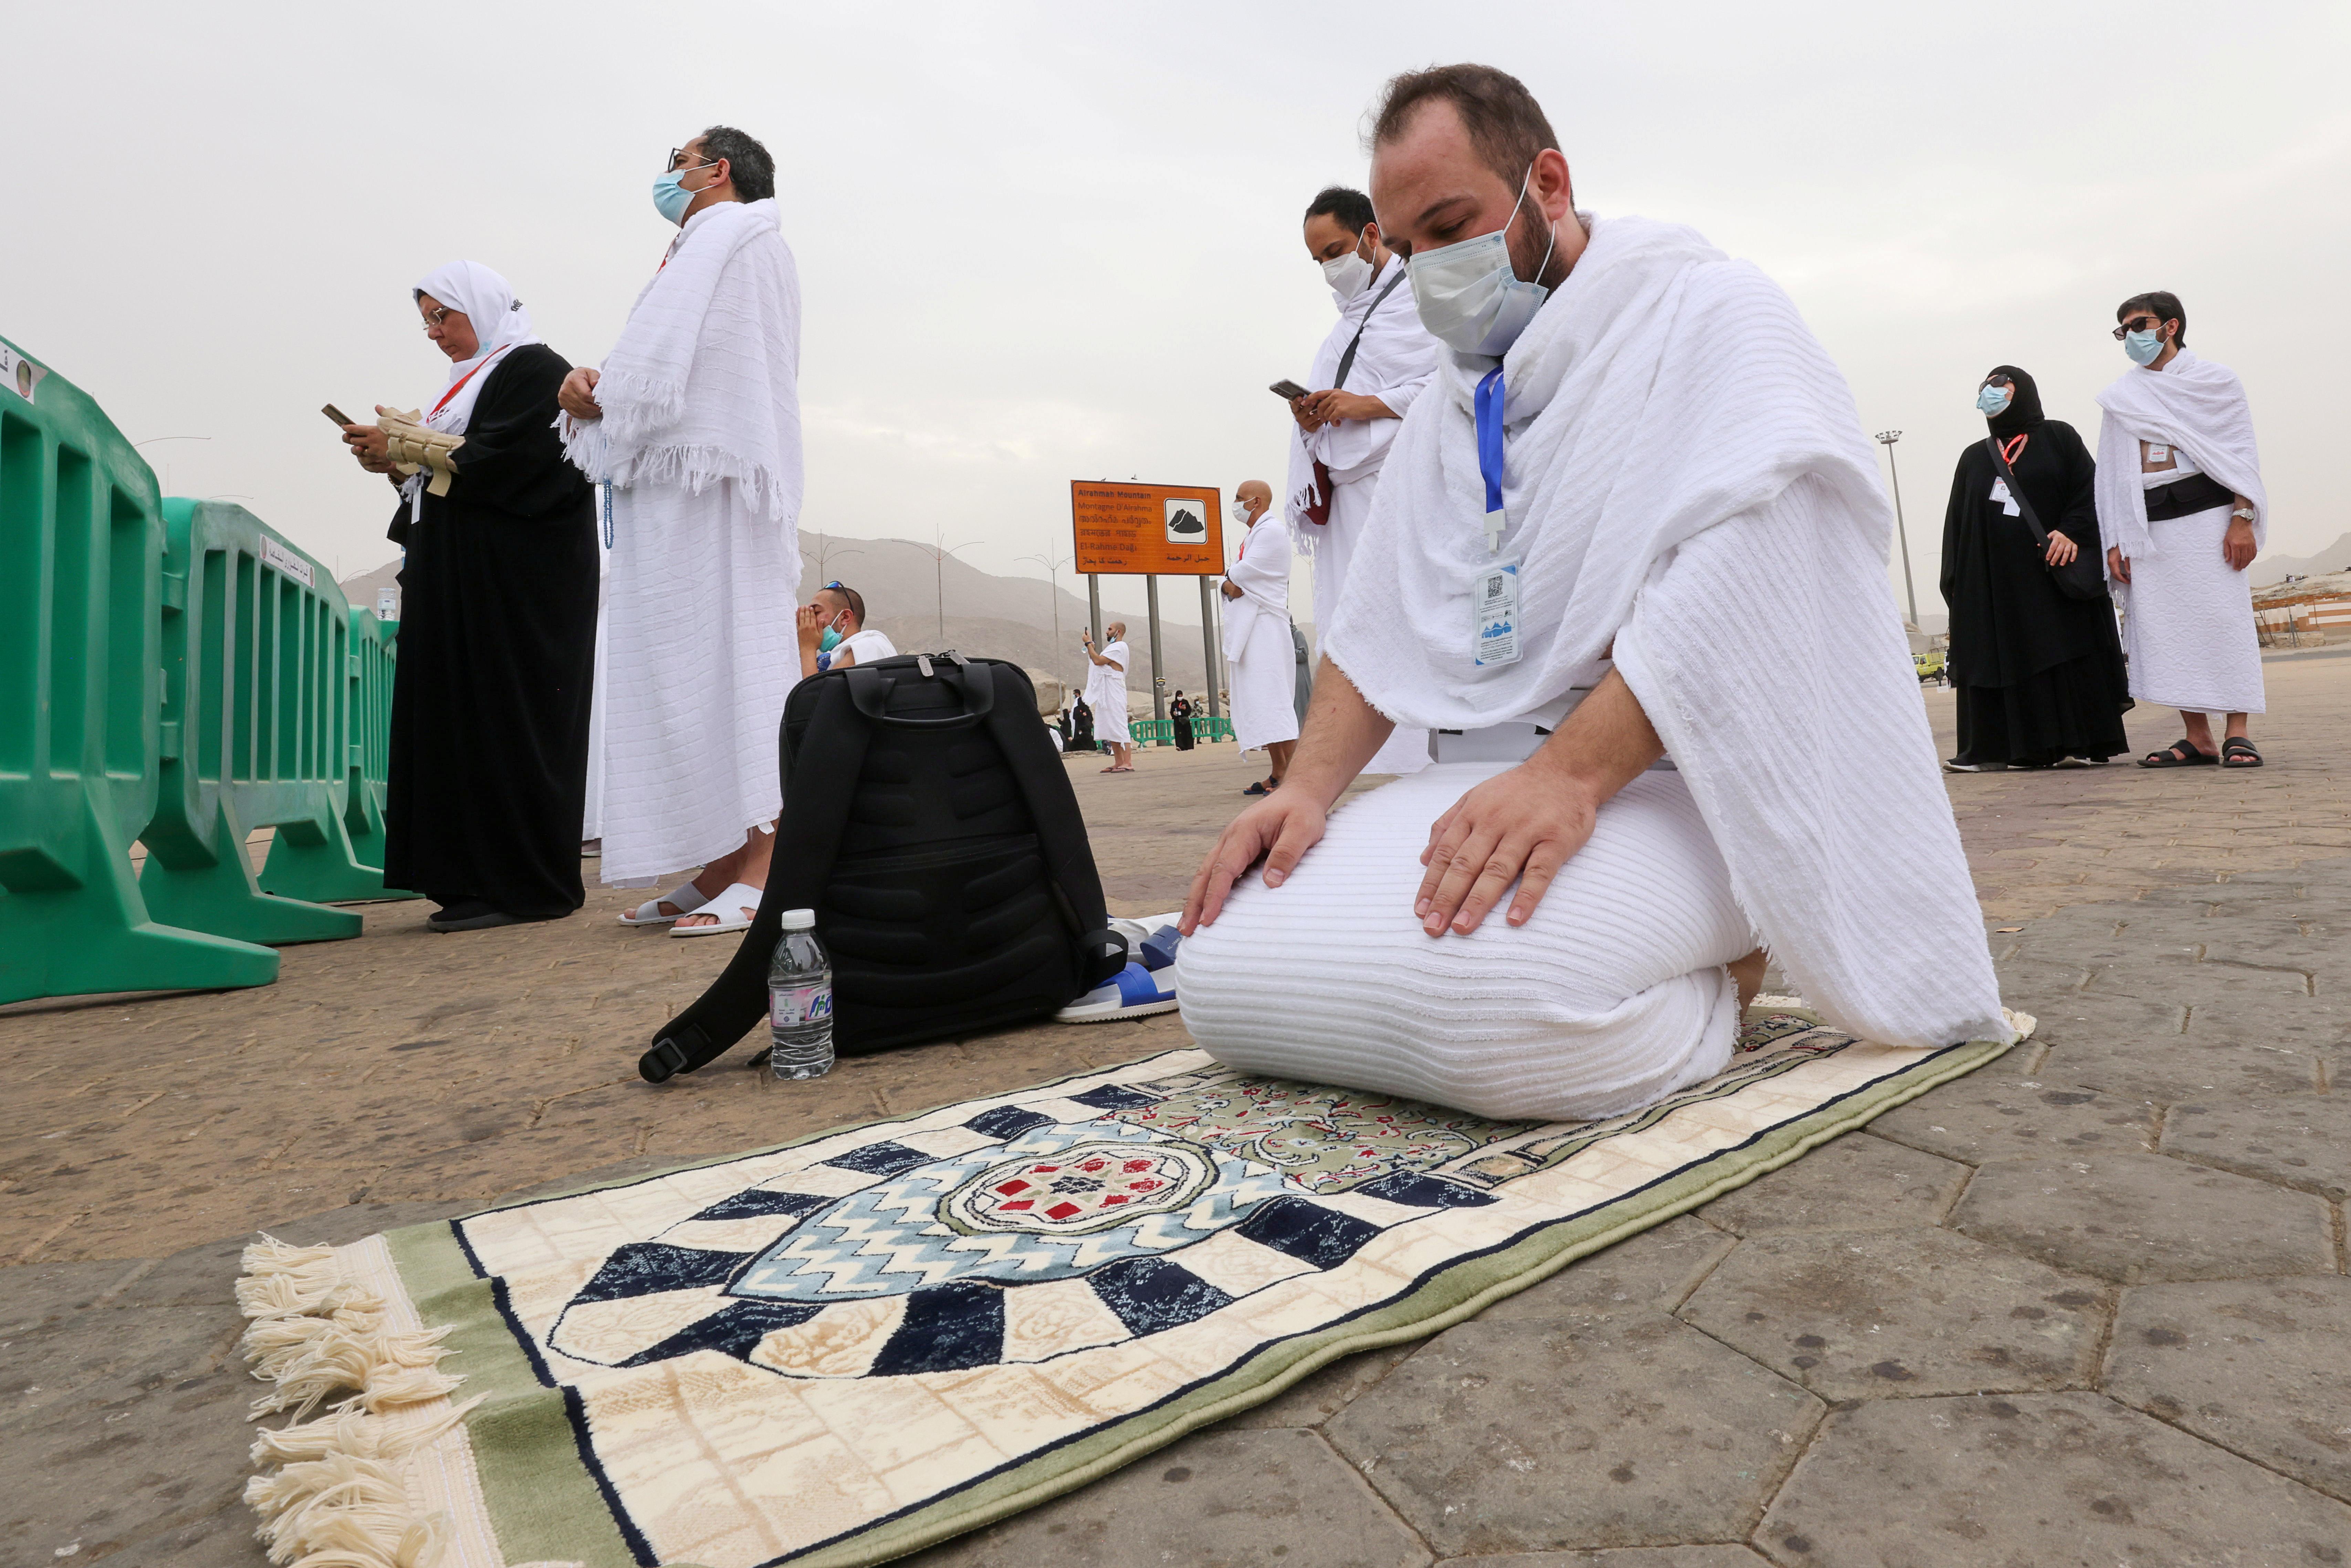 अराफत के मैदान में दुआ पढ़ते हज यात्री। कोरोना के चलते इस साल भी कम लोग हज में शामिल हुए।